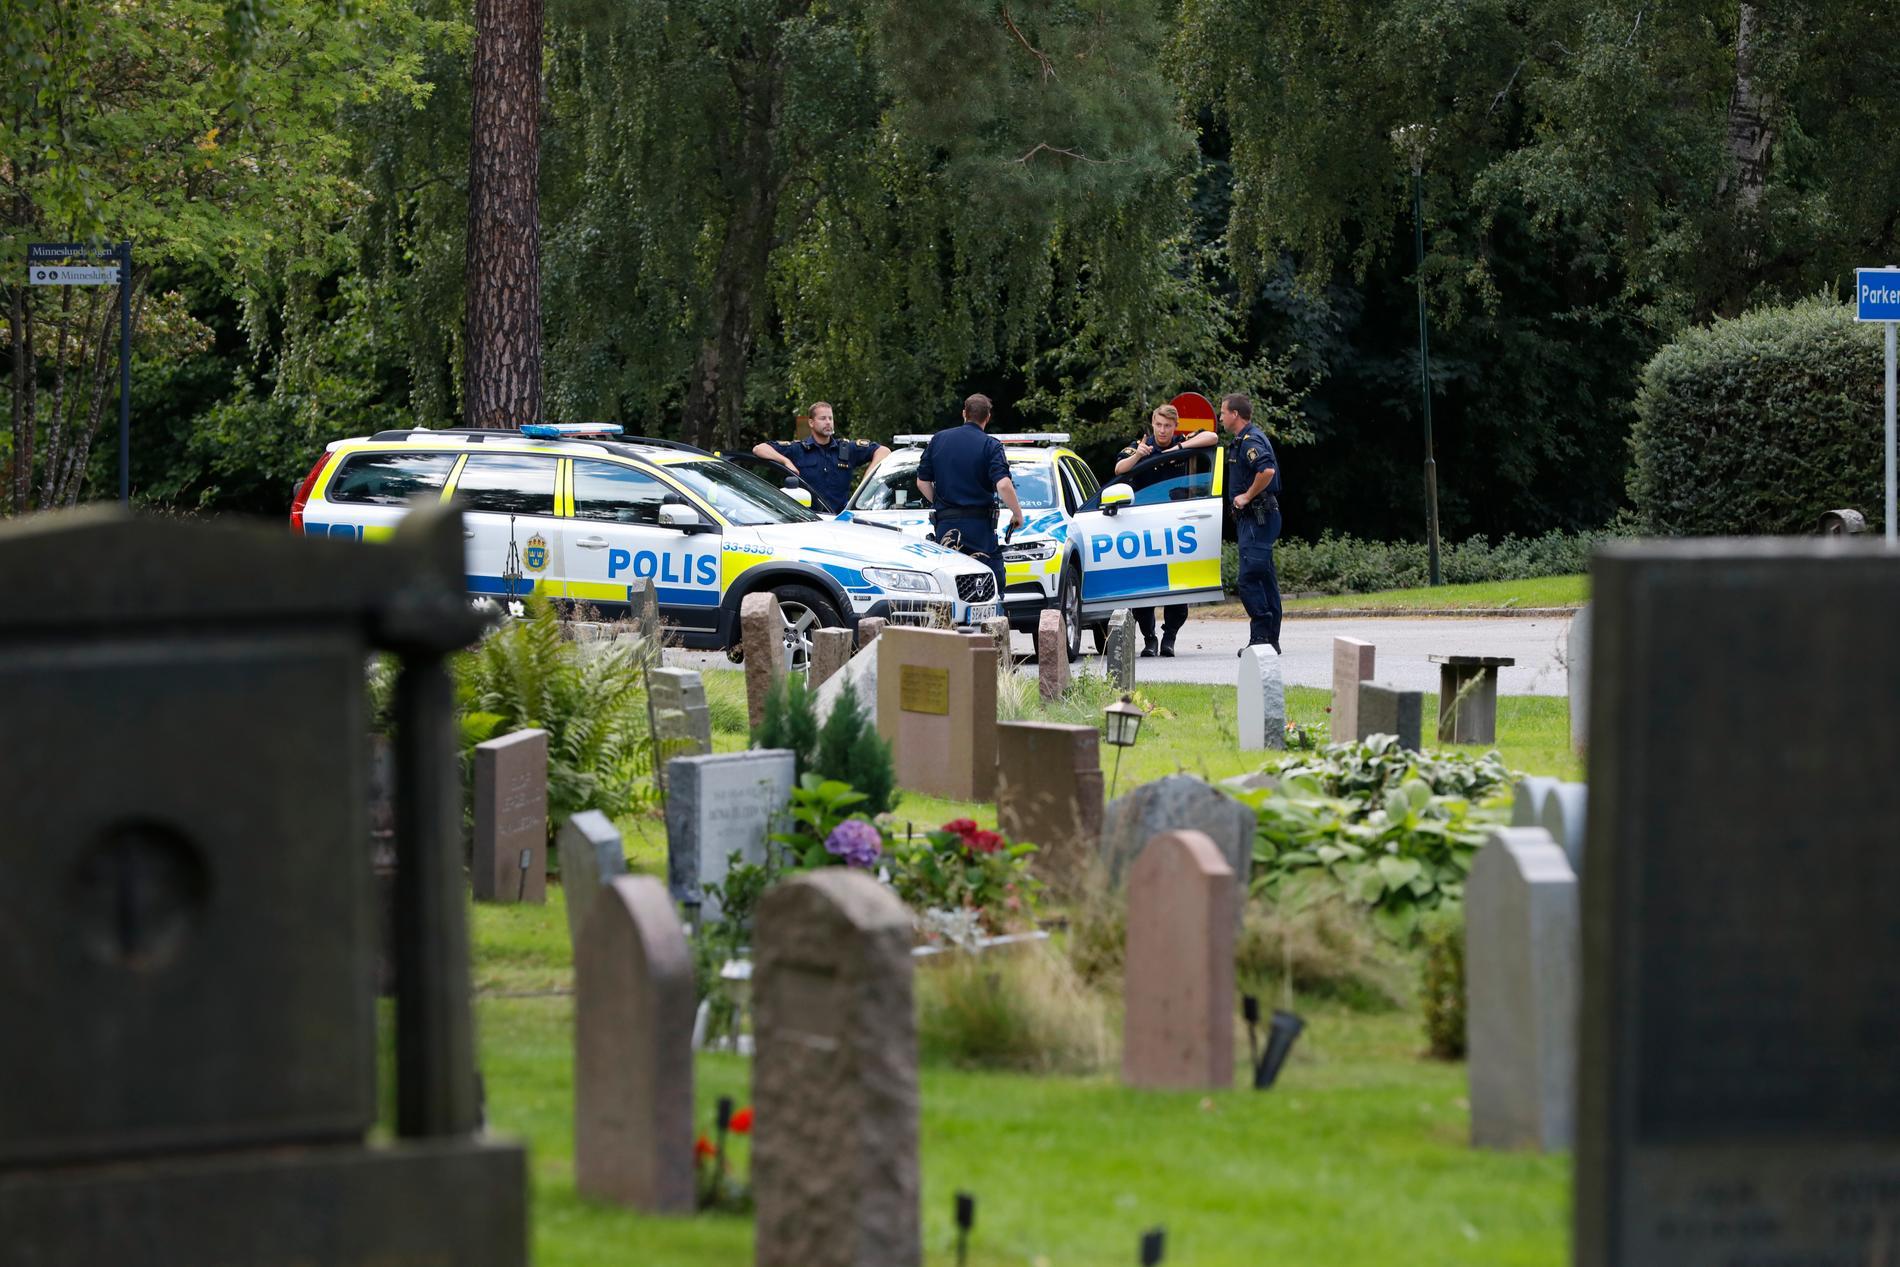 Pojkarna räddades av ett förbipasserande vittne. Strax efteråt kunde polisen gripa de två misstänkta männen.